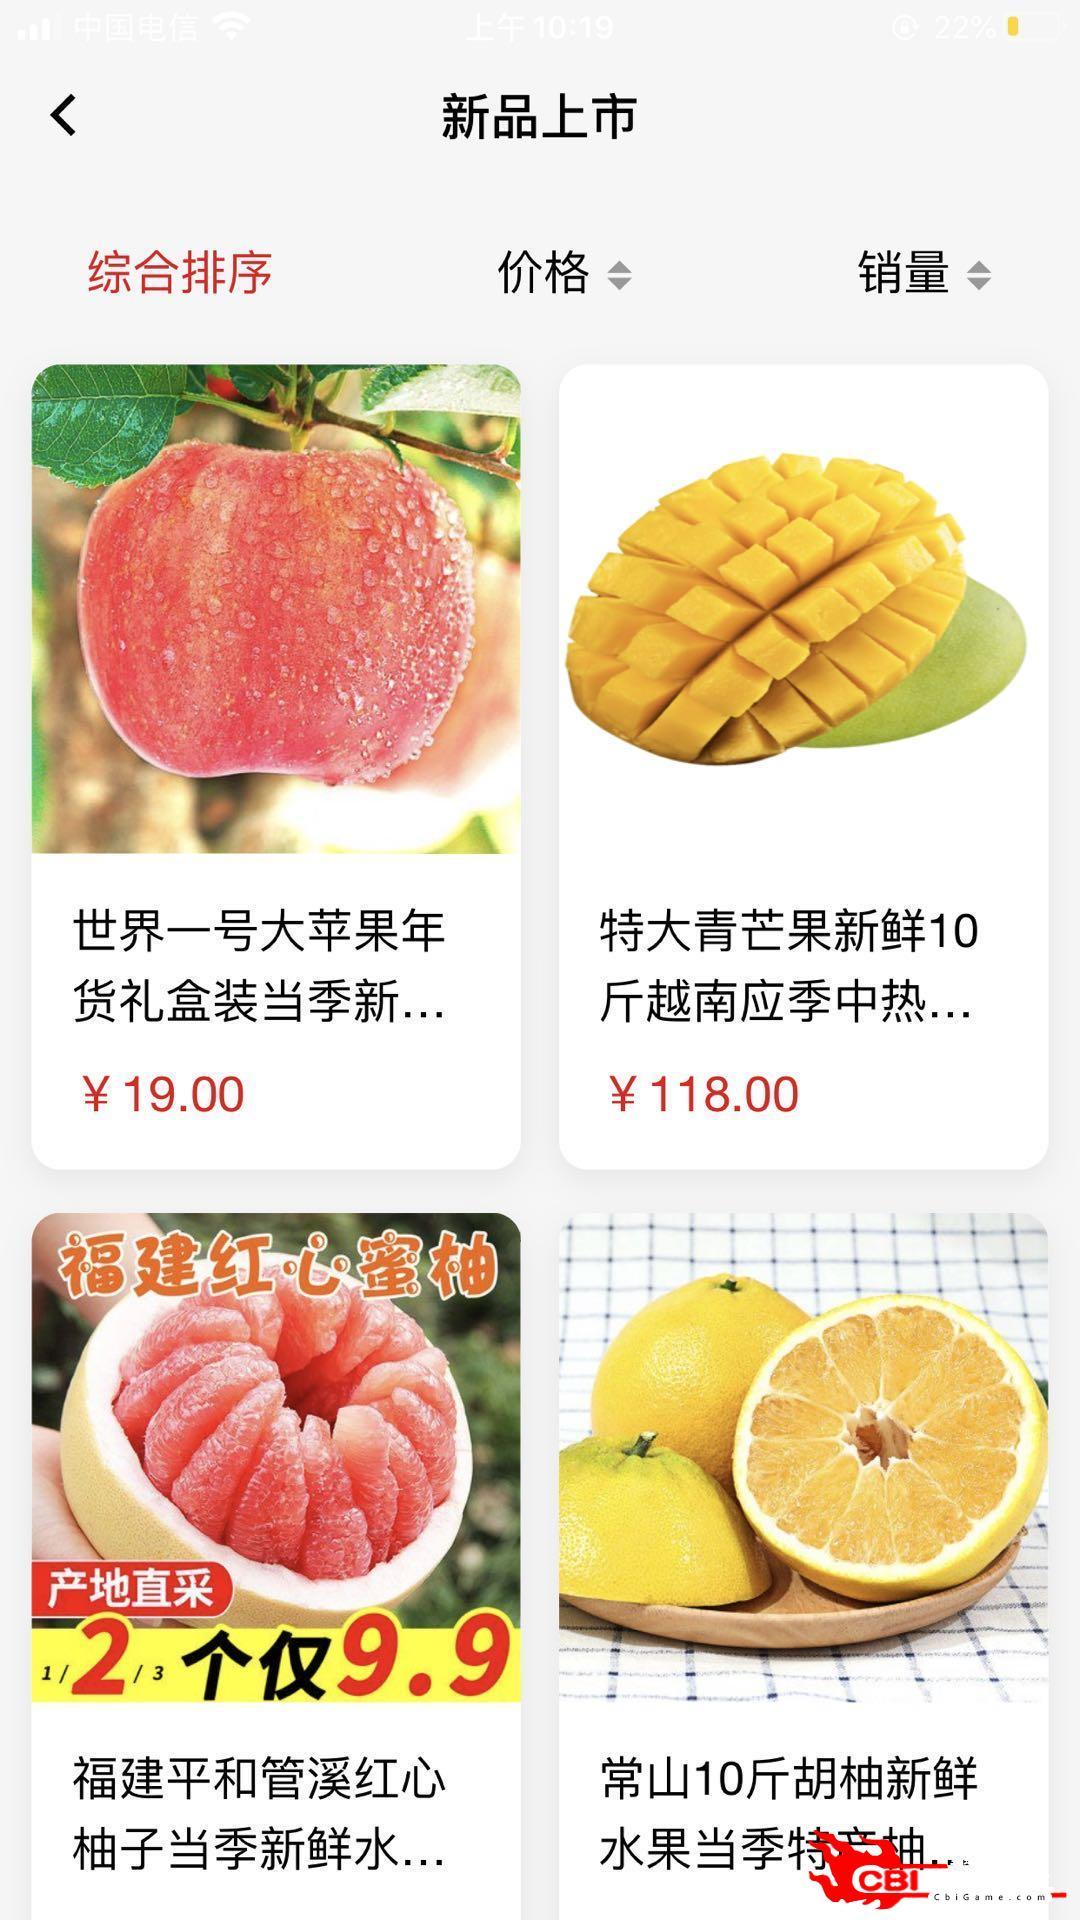 采果宝网上购物图1